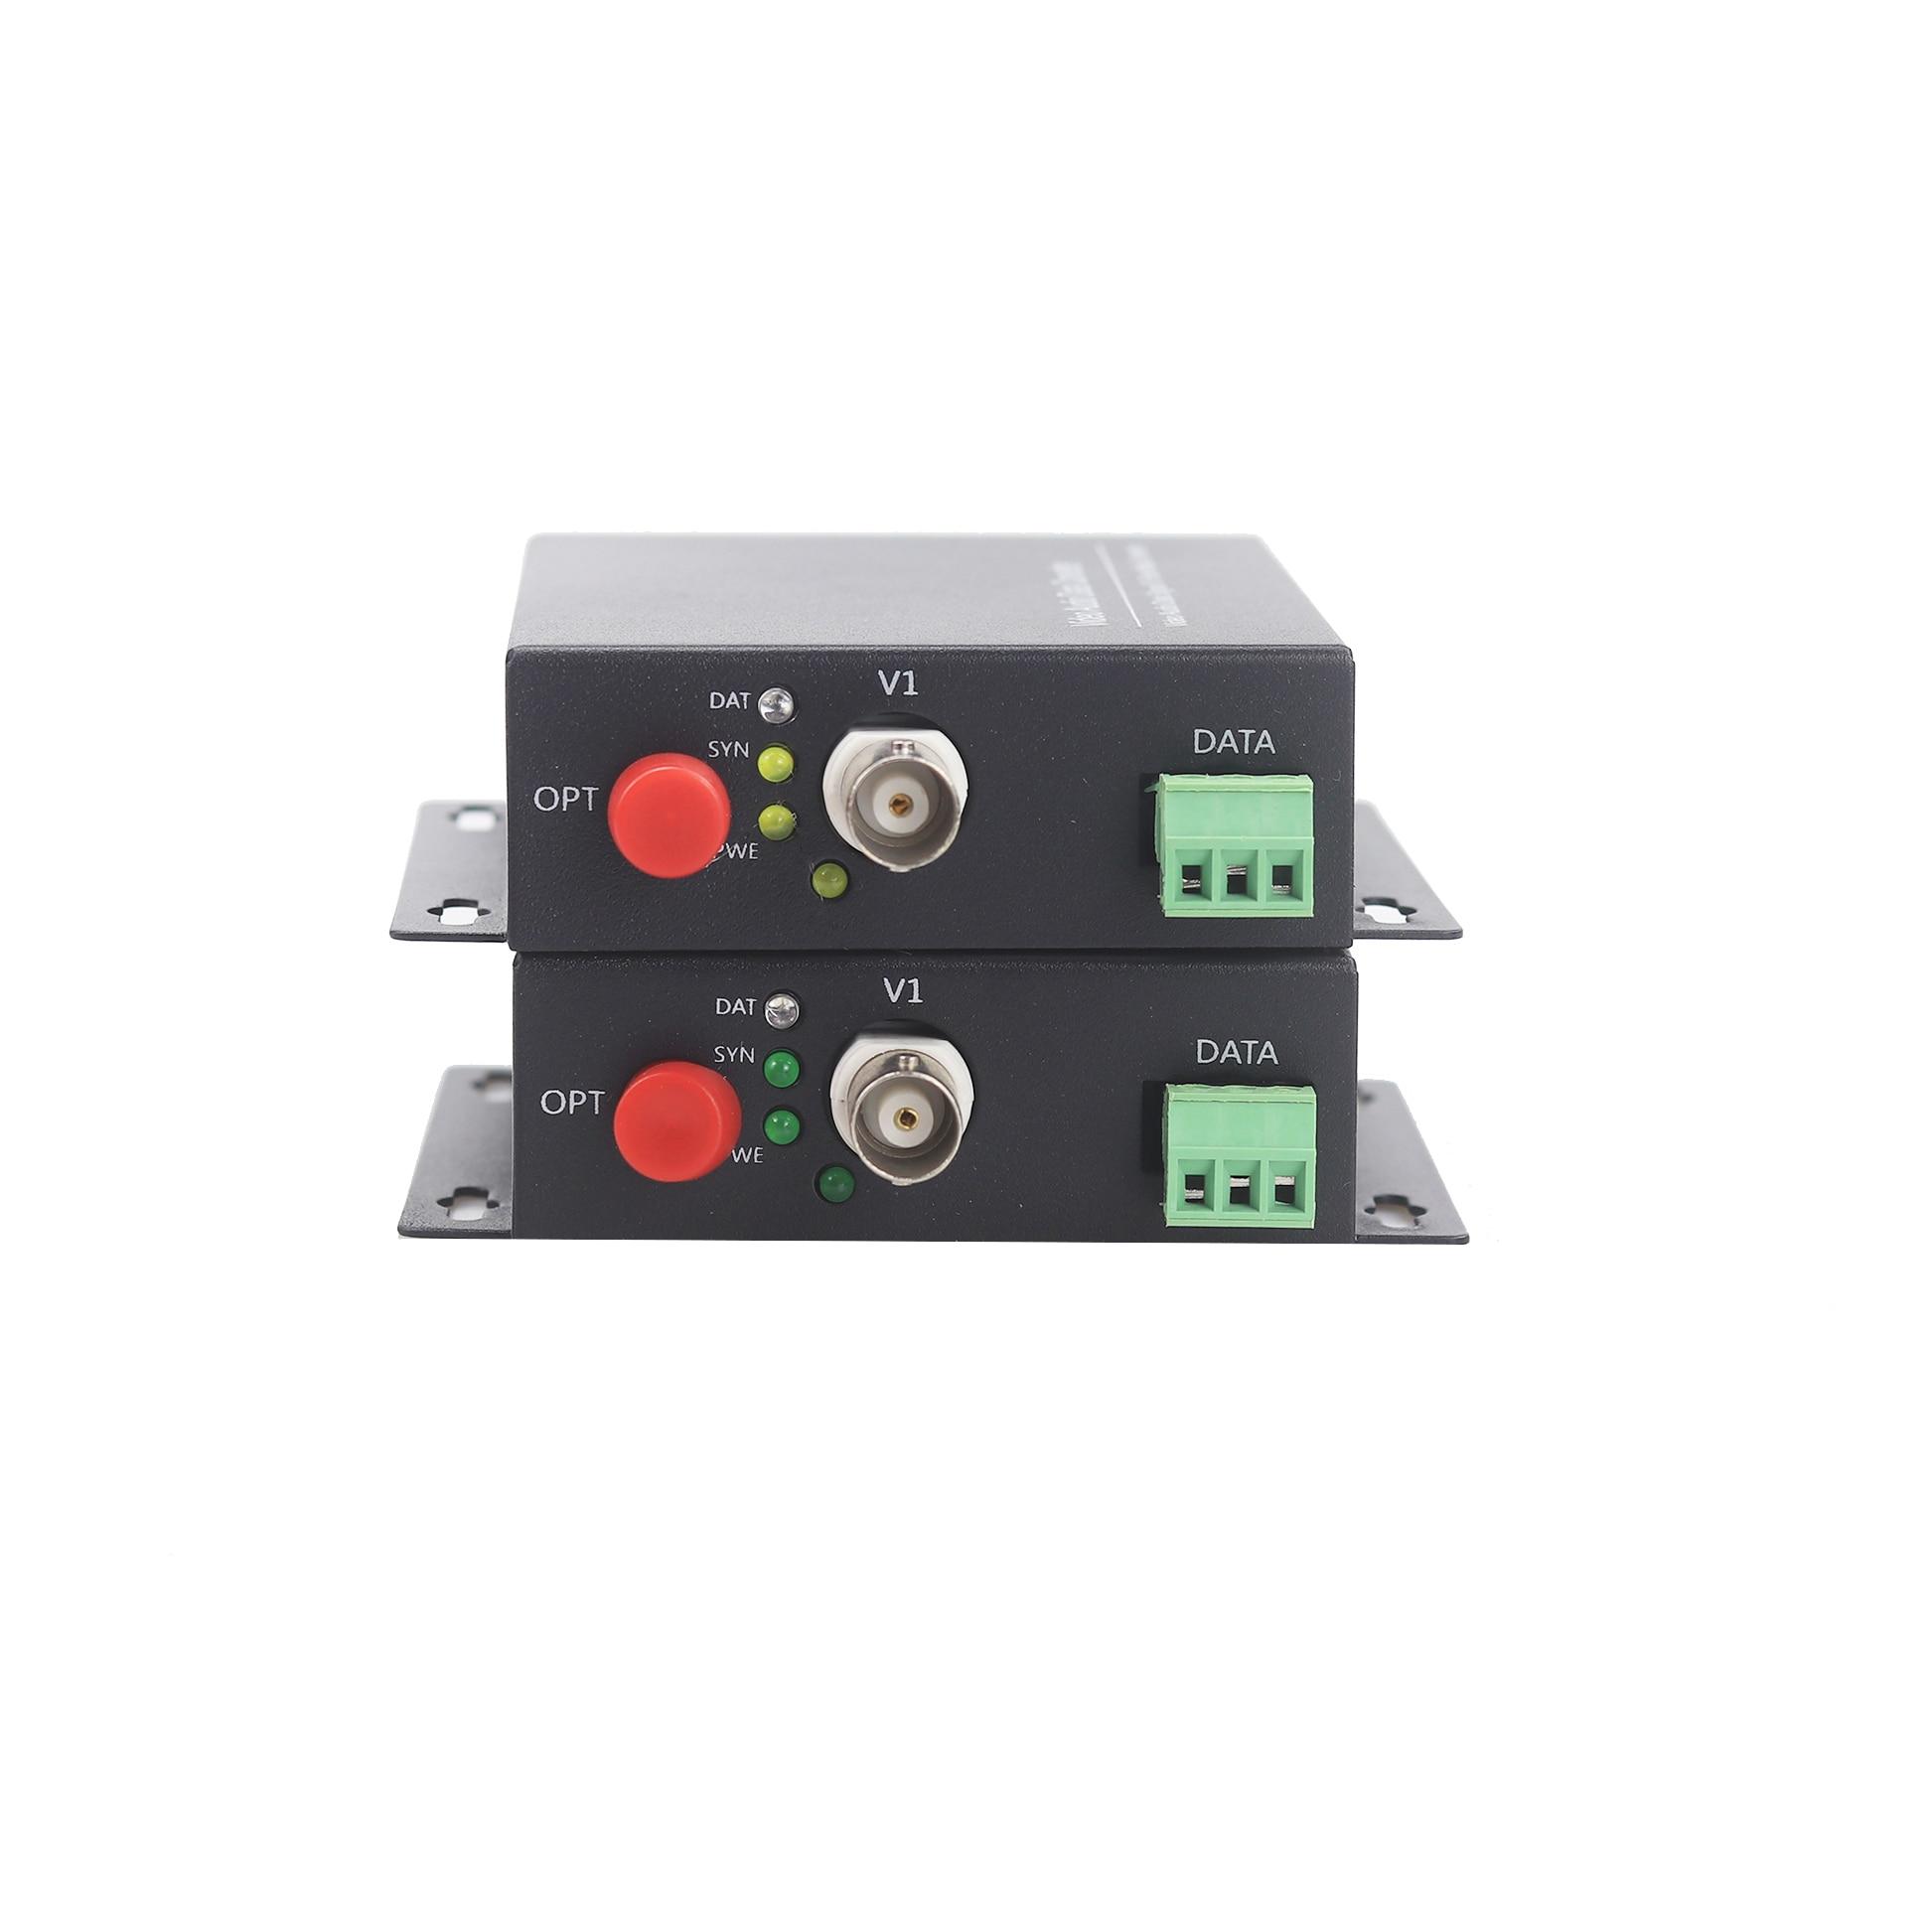 GZGMET 20Km 1 Kanal Video Extender Singlemode LWL Medienkonverter - Schutz und Sicherheit - Foto 2